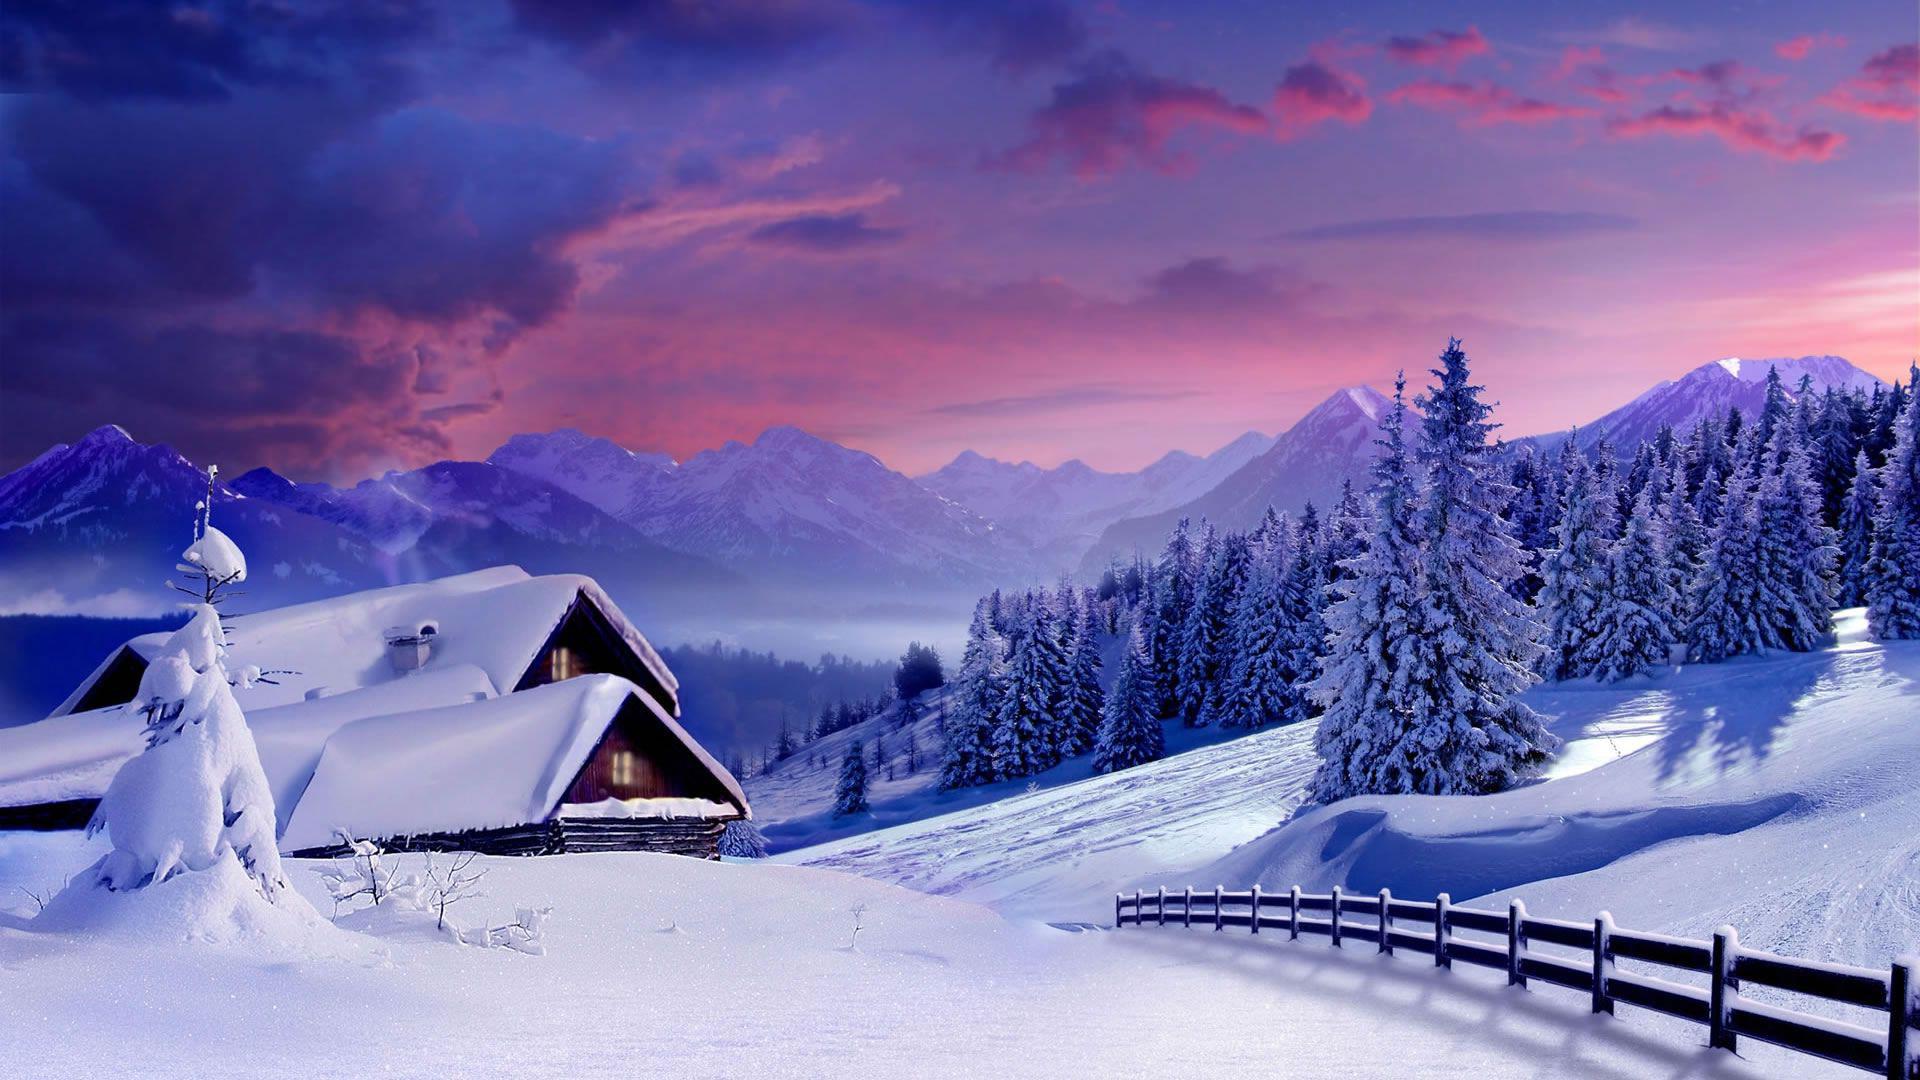 Лучшие обои для рабочего стола Новый год зима (19)